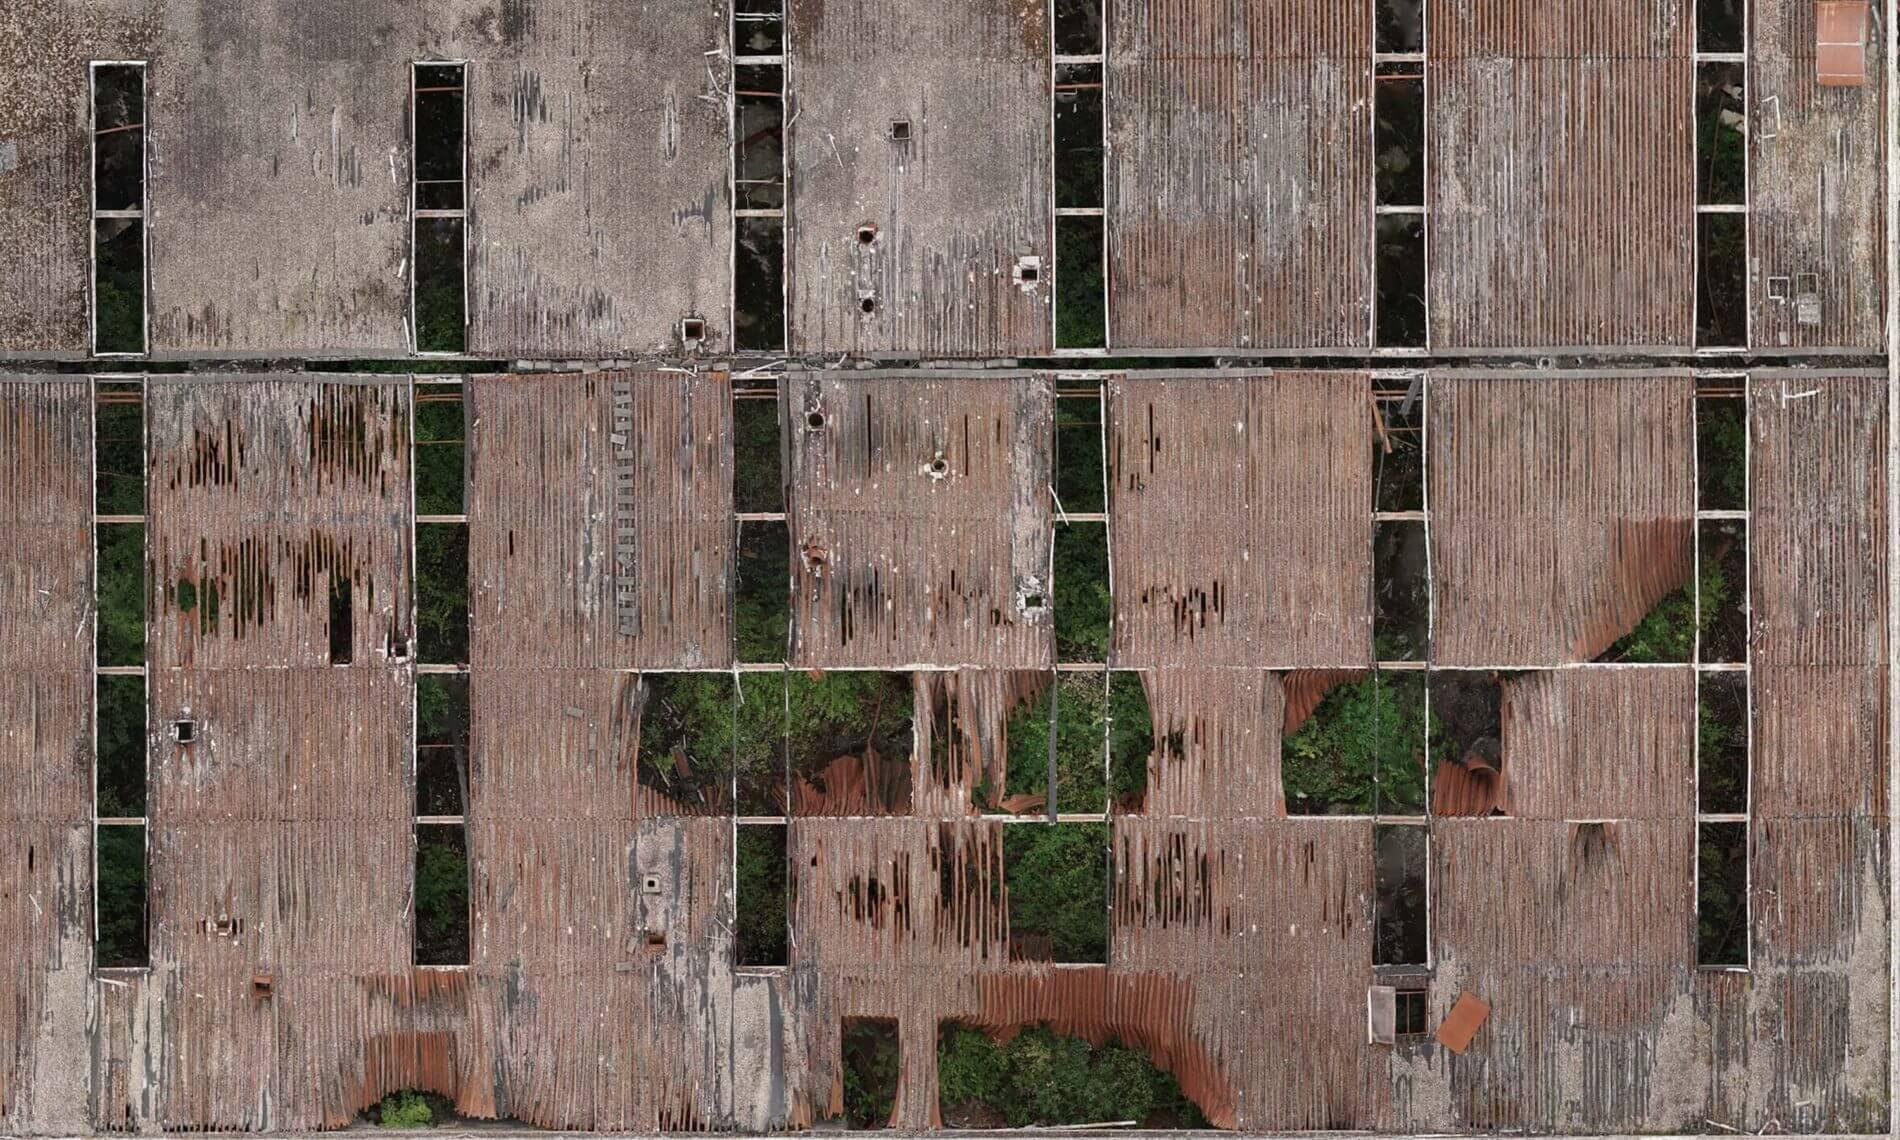 Bestanderfassung-zur-Bauwerksinspektion-mit-Drohne-aus-der-Luft